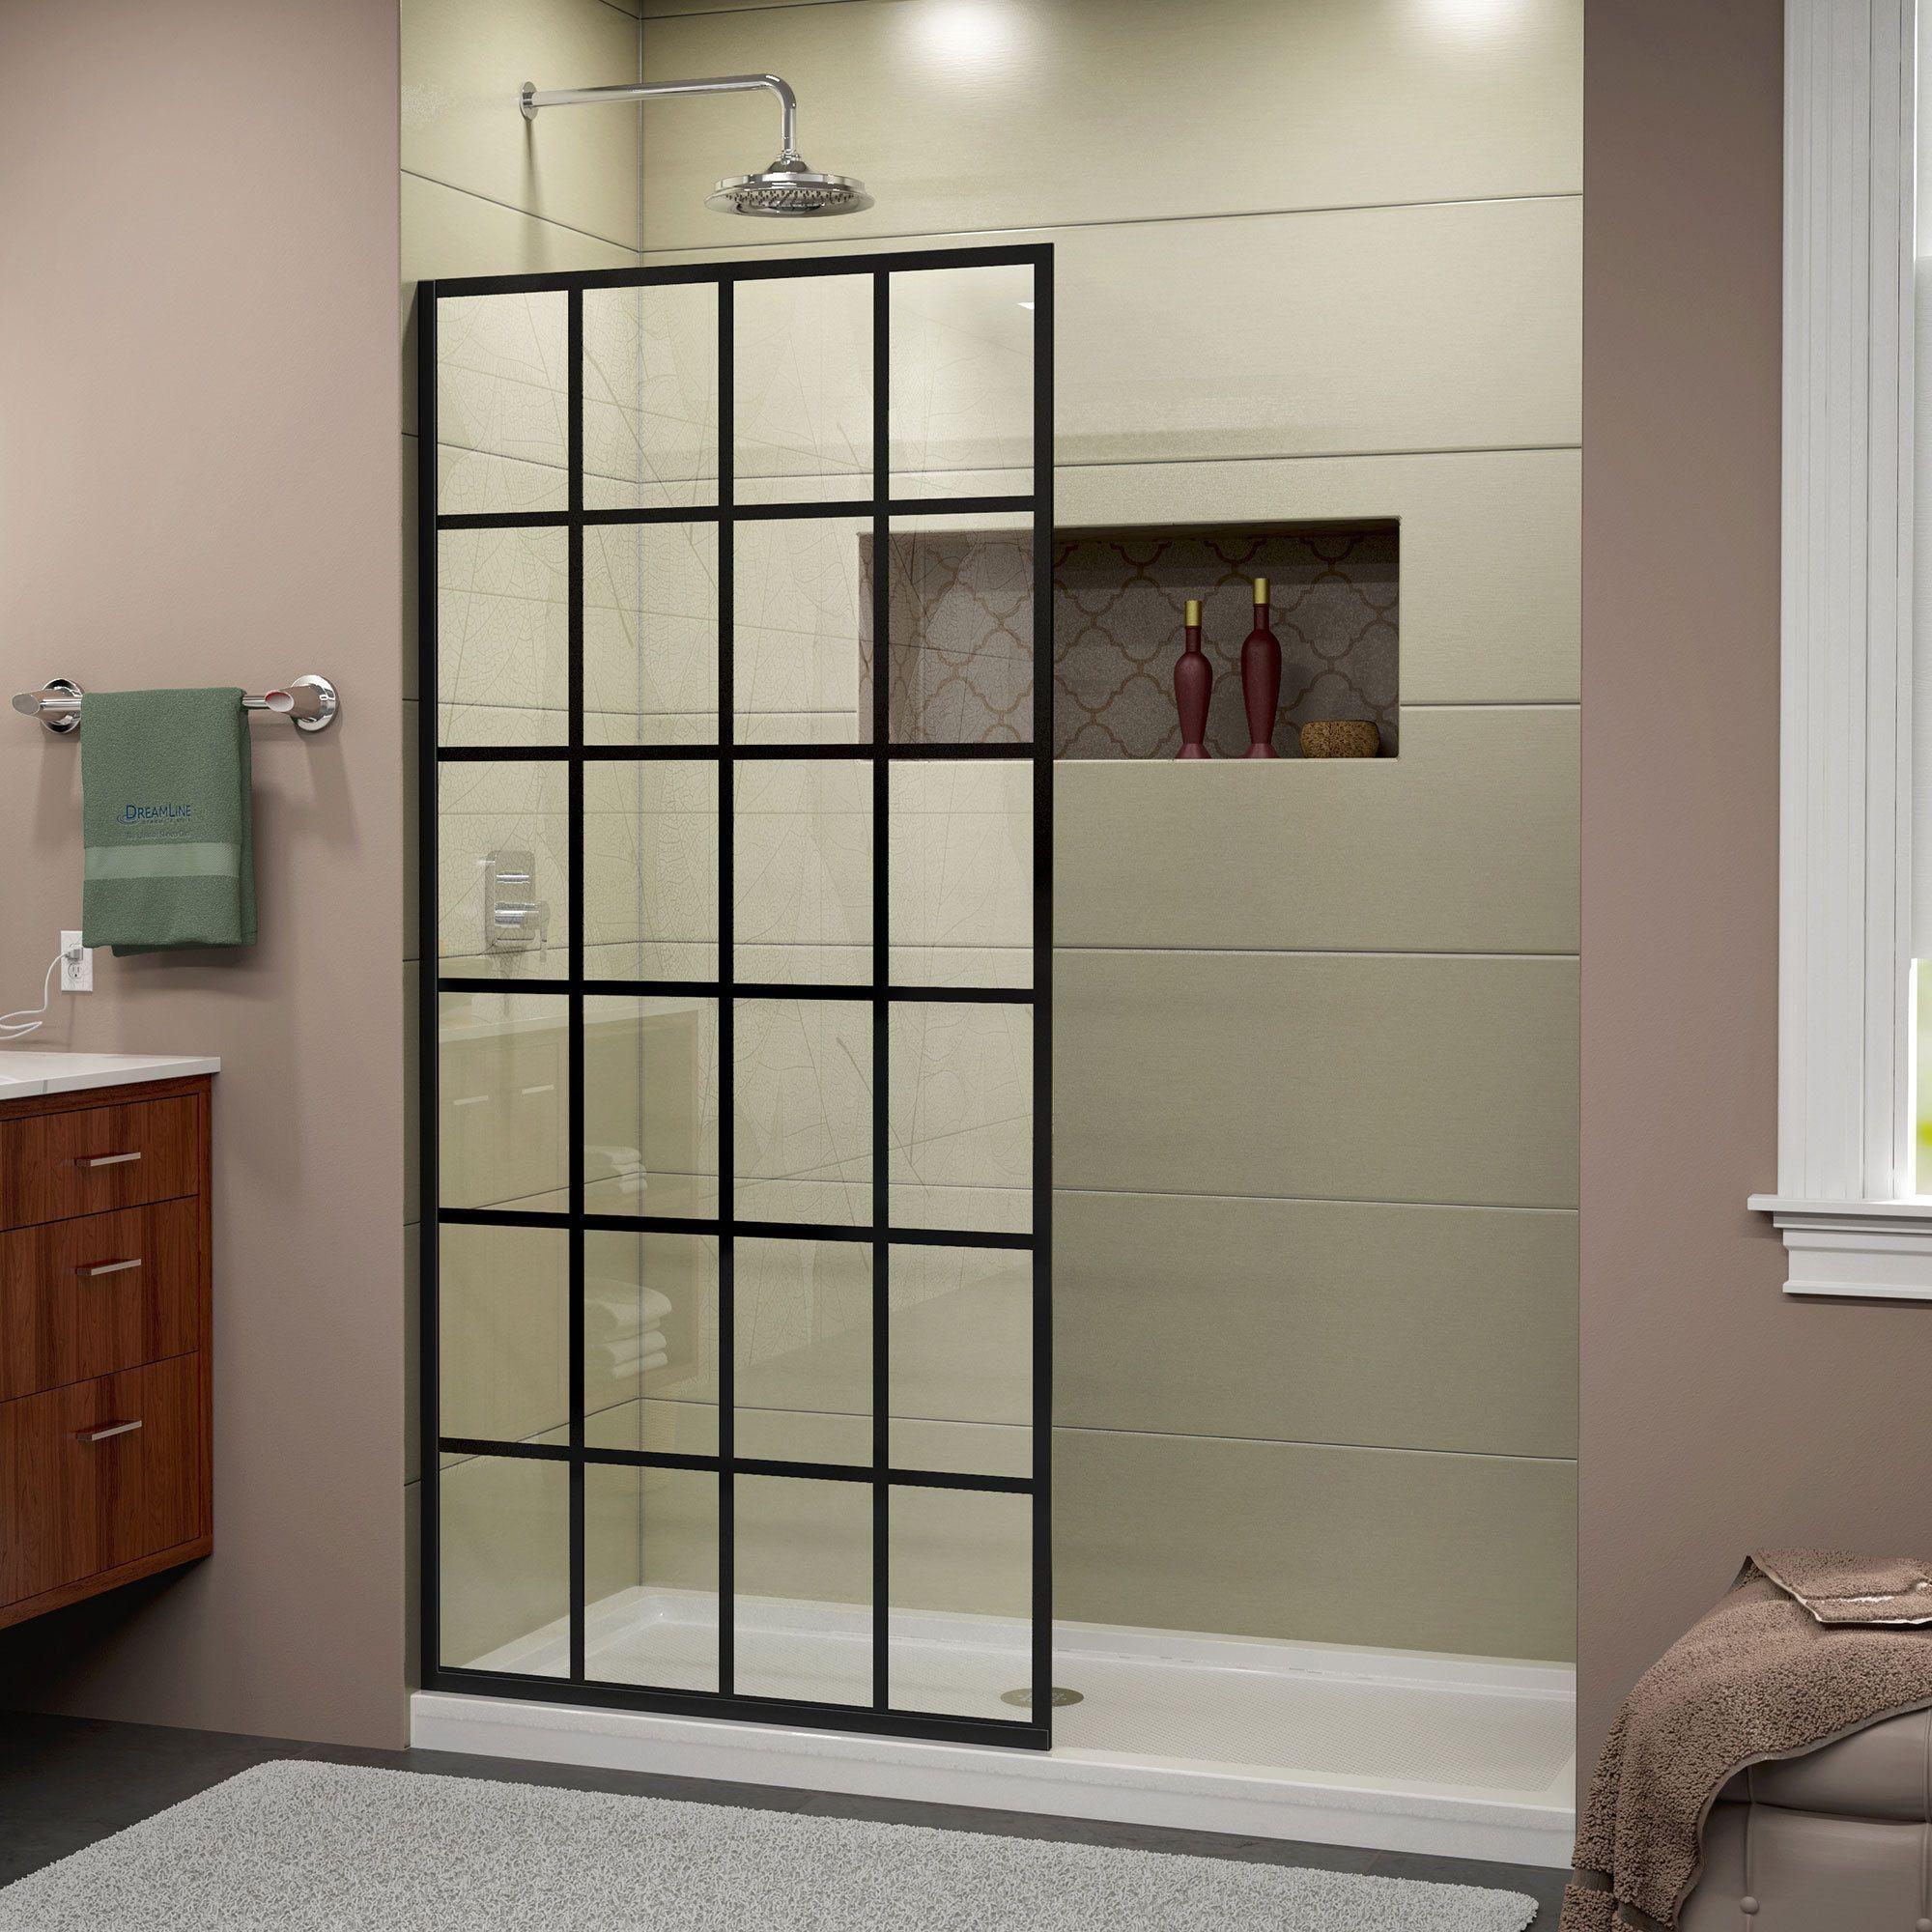 Dreamline French Linea Frameless Shower Door 34 In X 72 Open Entry Design